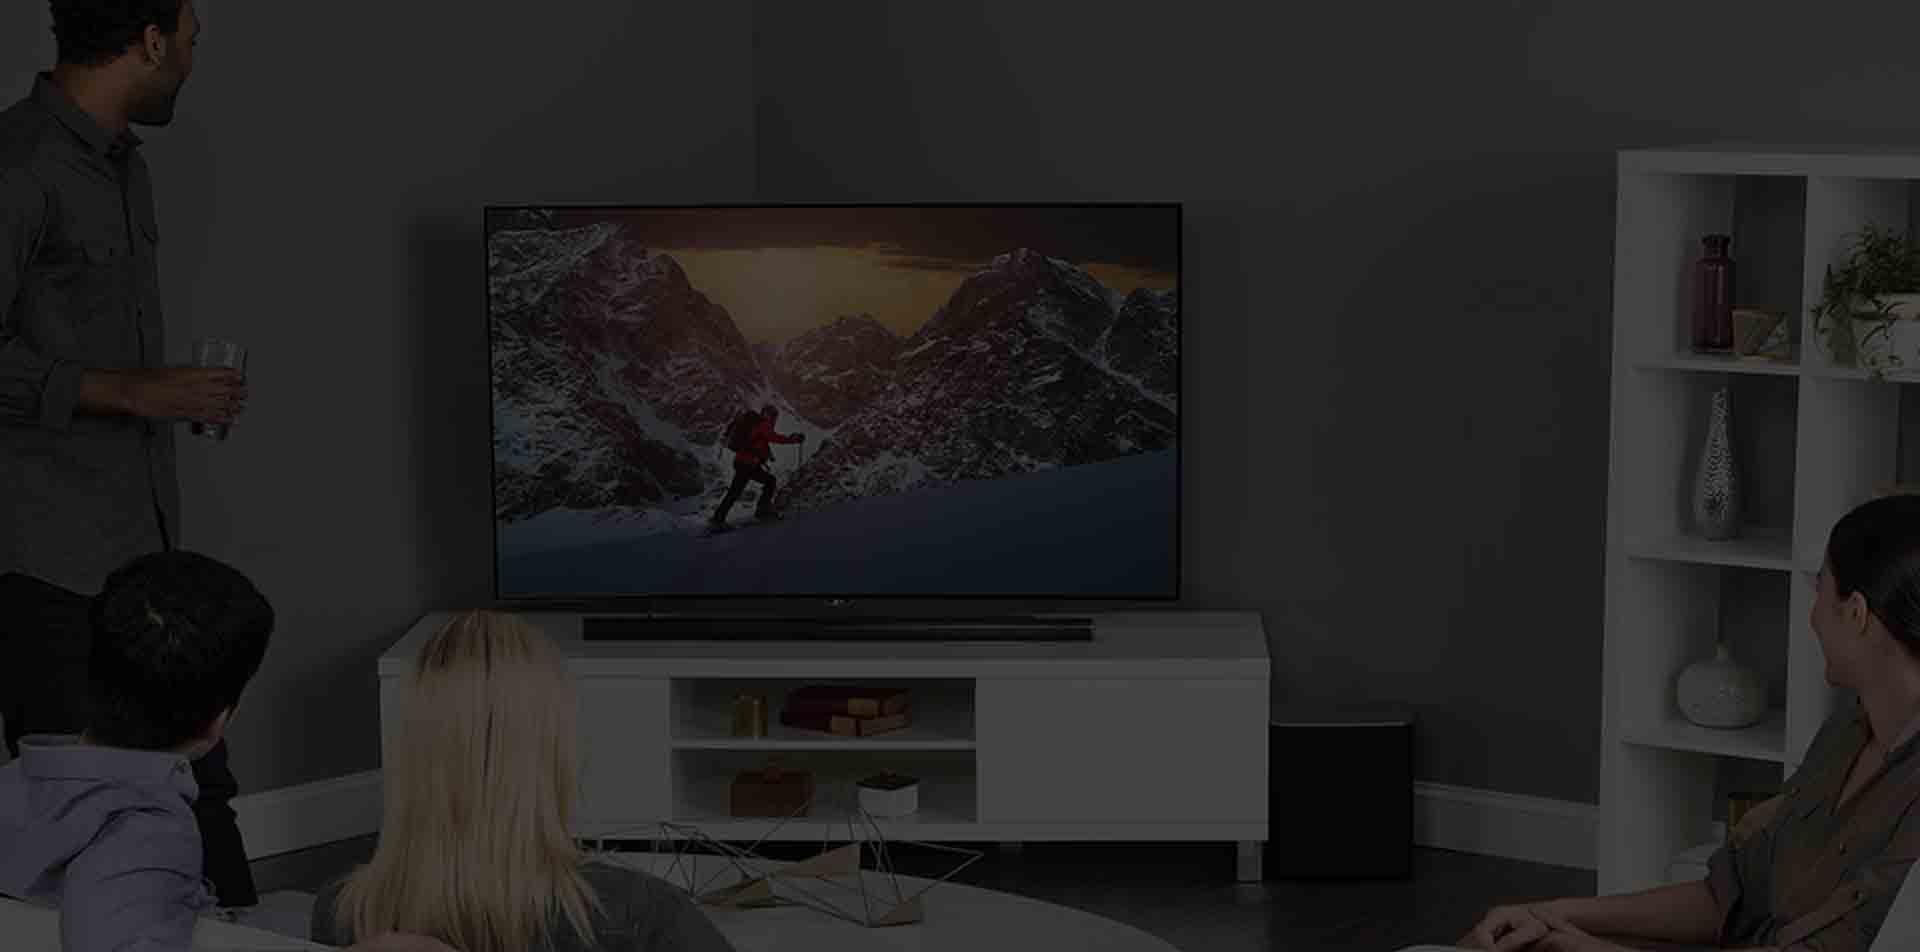 تعمیر کنترل تلویزیون توشیبا